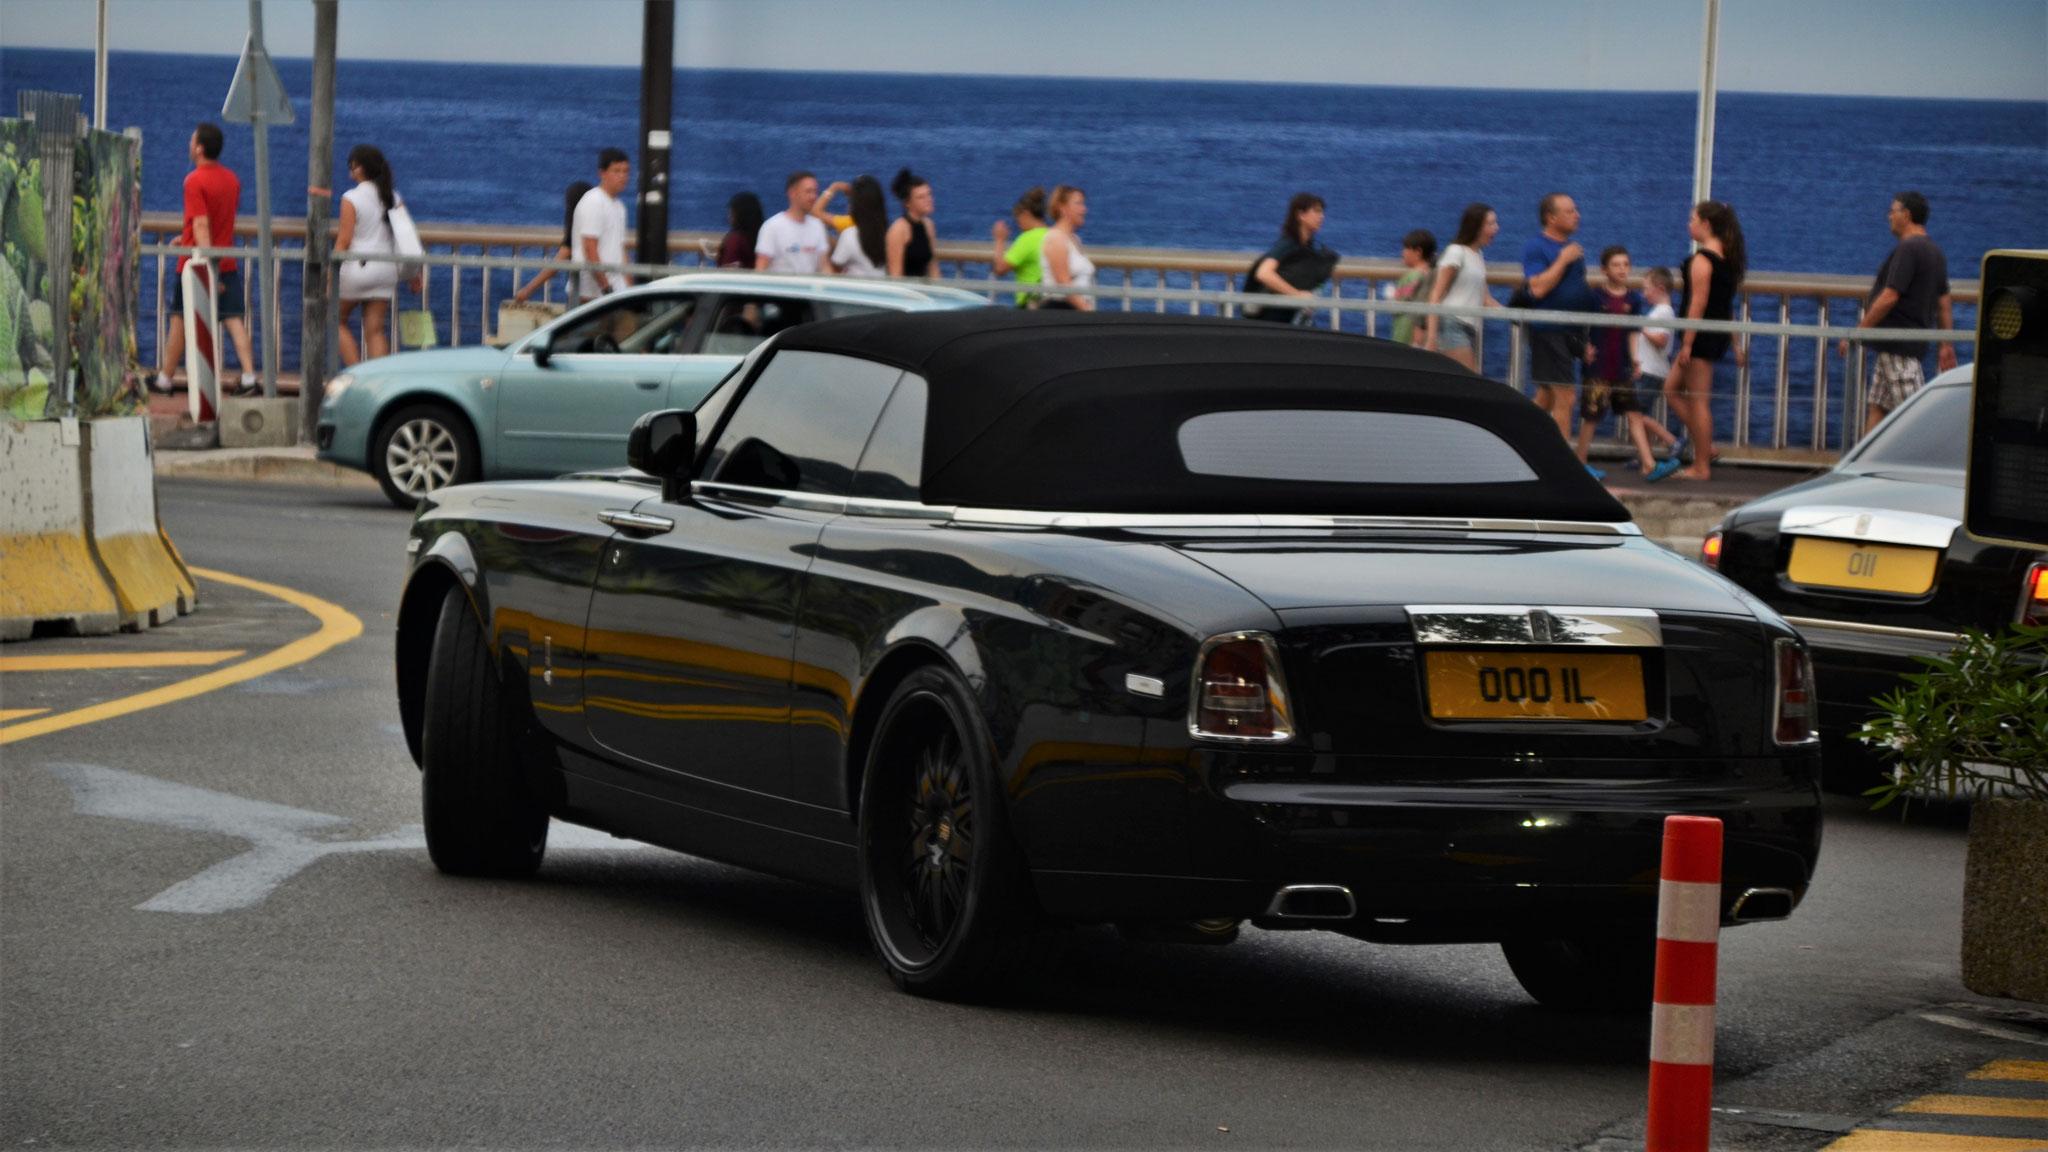 Rolls Royce Drophead - 000-IL (GB)